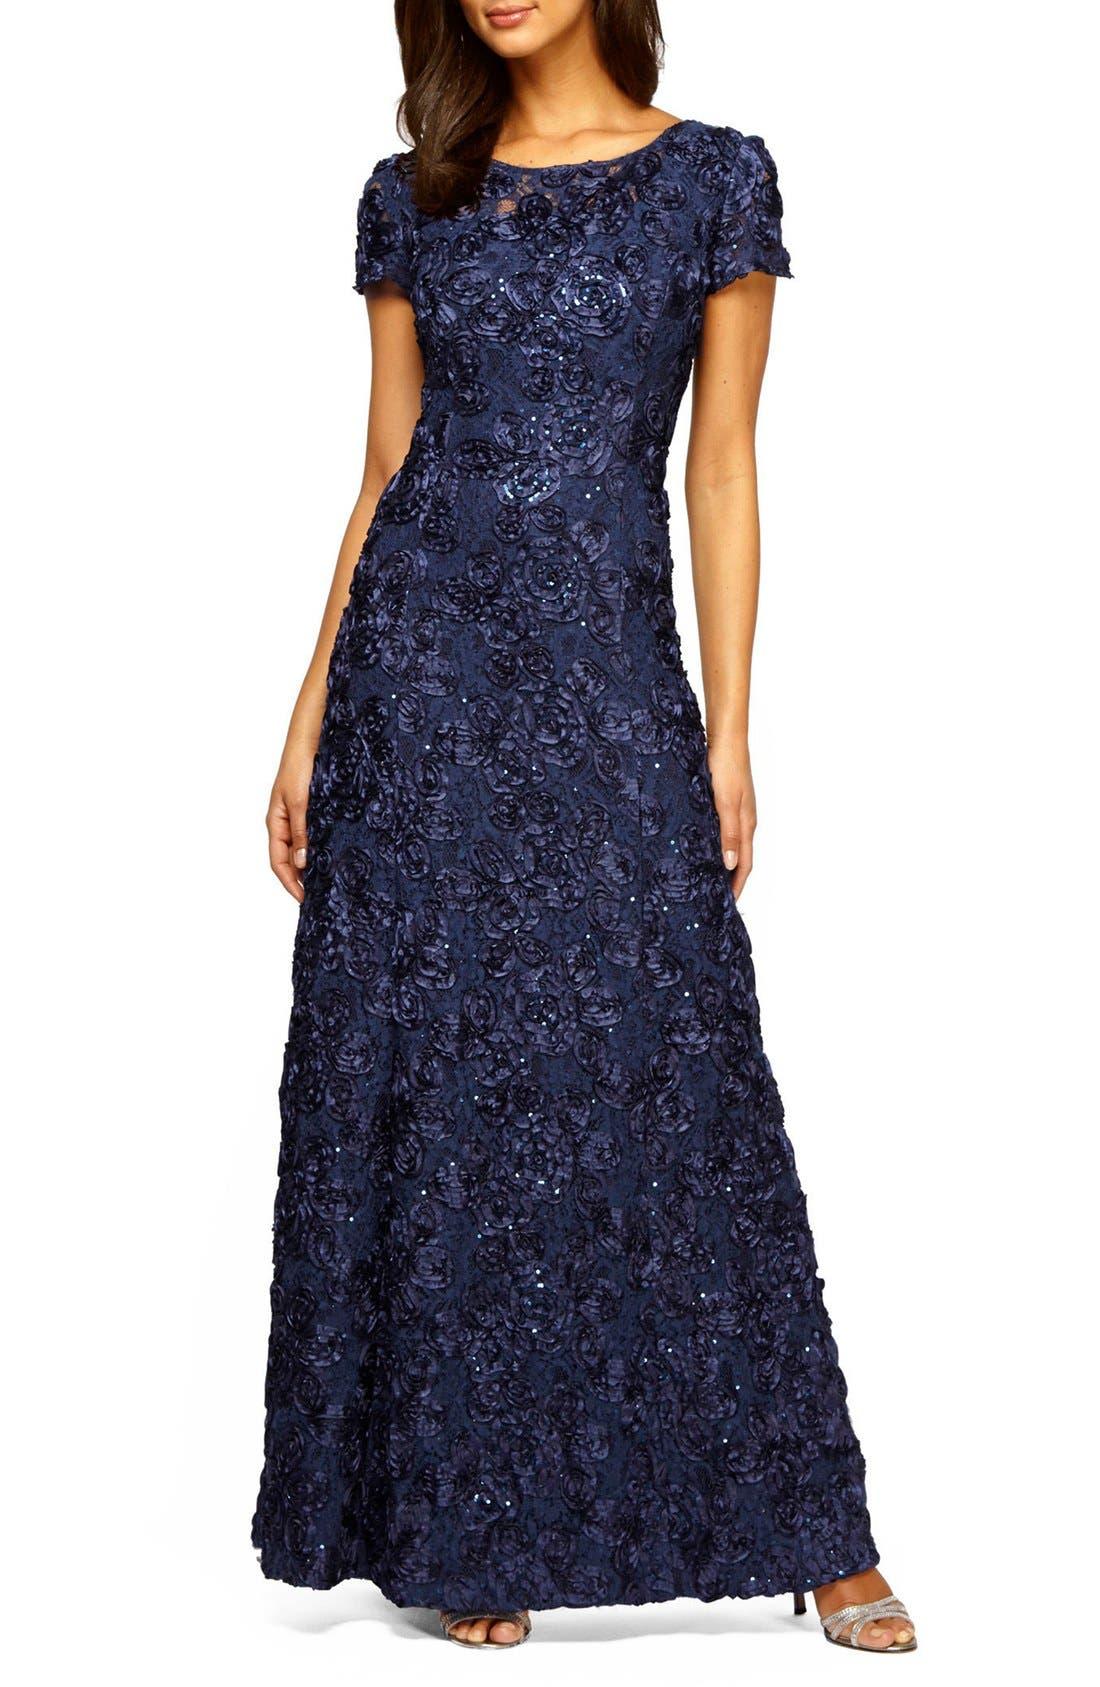 Long Blue Sequin Dress